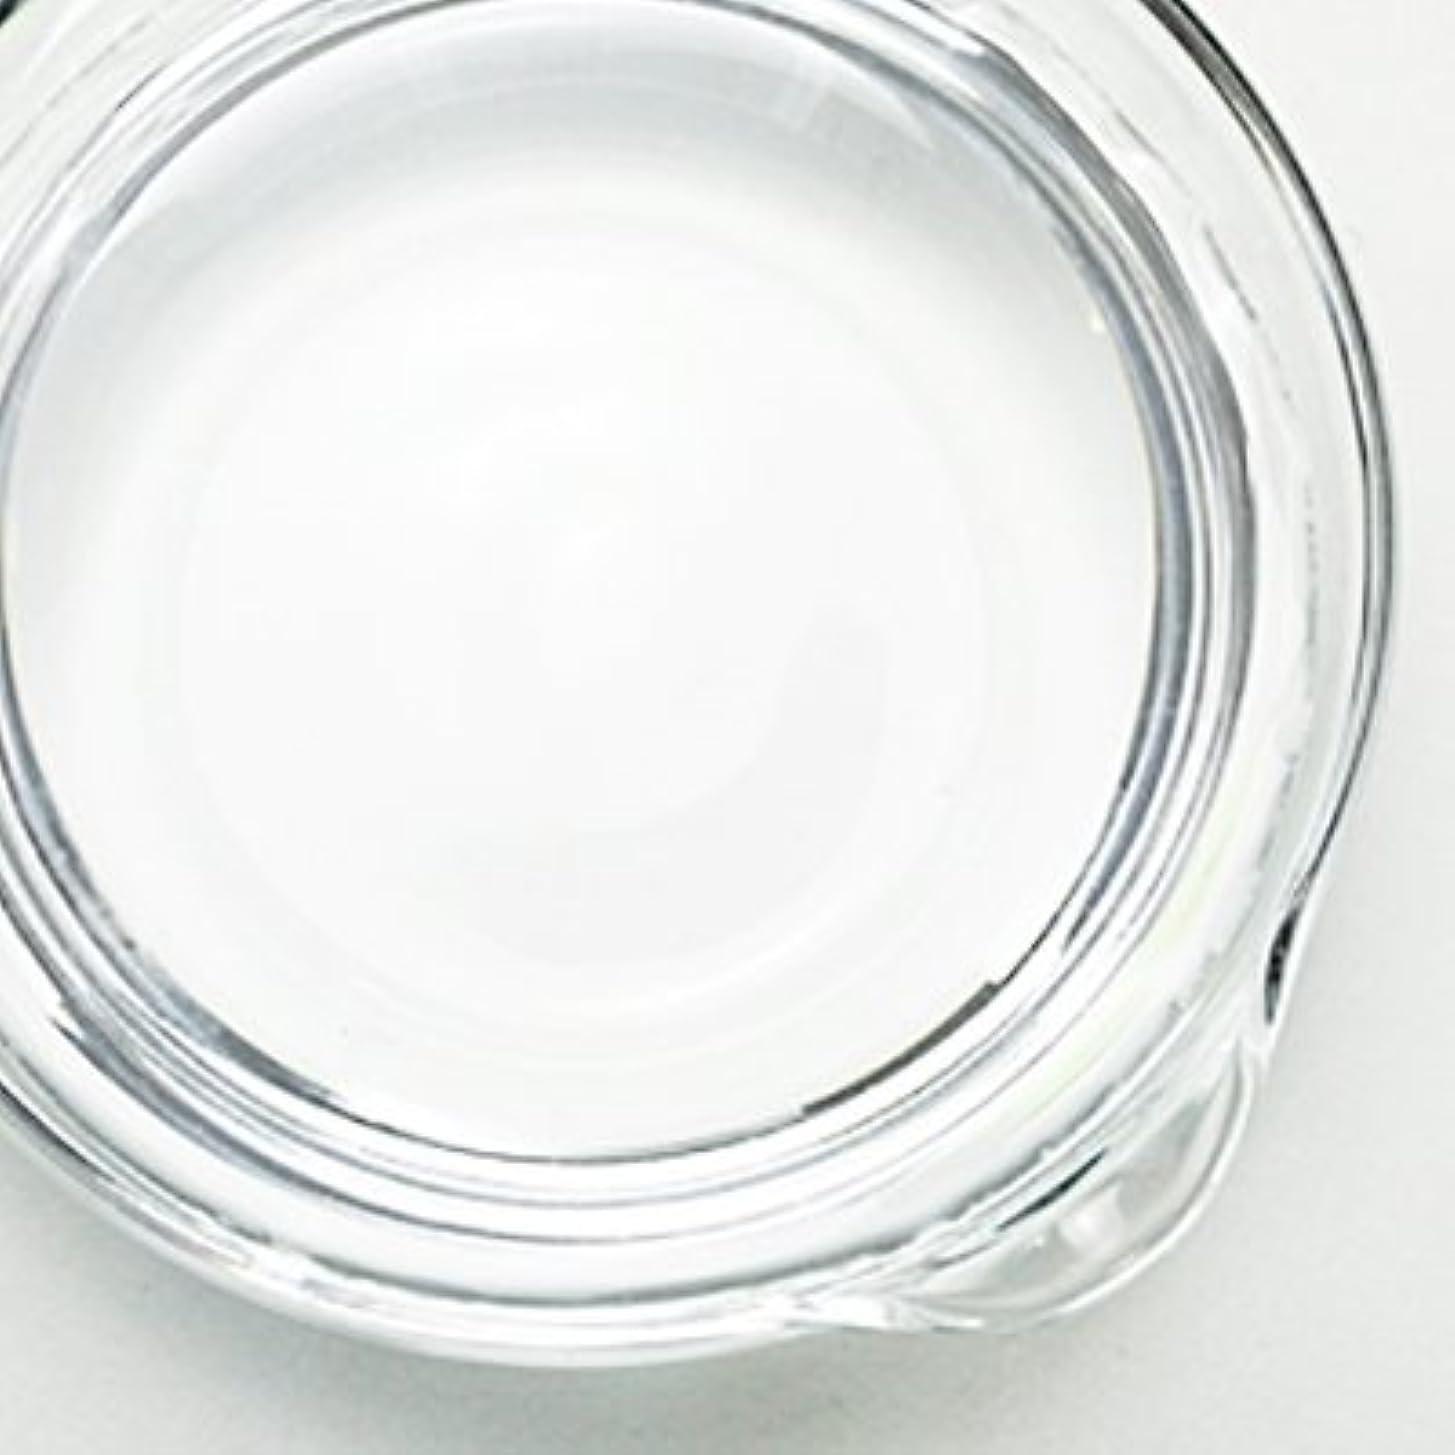 一致パラメータ利益1,3-プロパンジオール[PG] 500ml 【手作り石鹸/手作りコスメ】